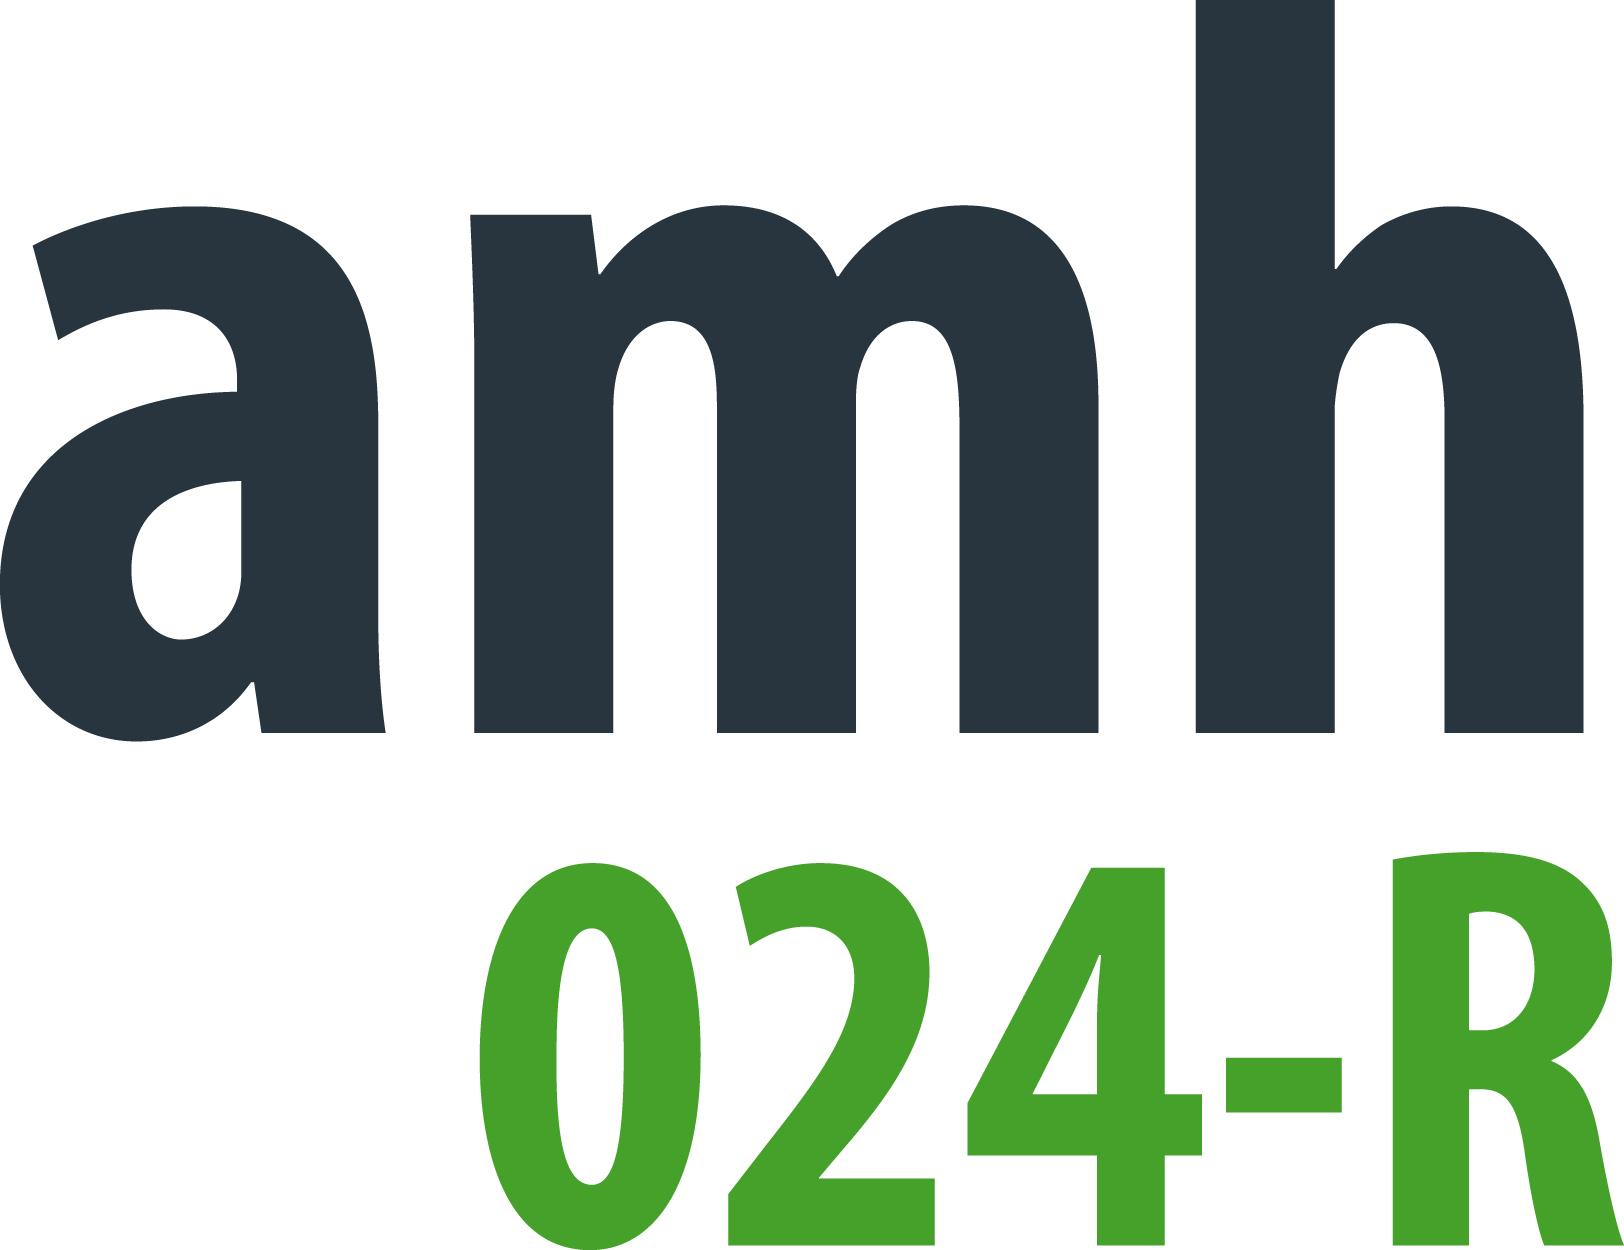 amh024r